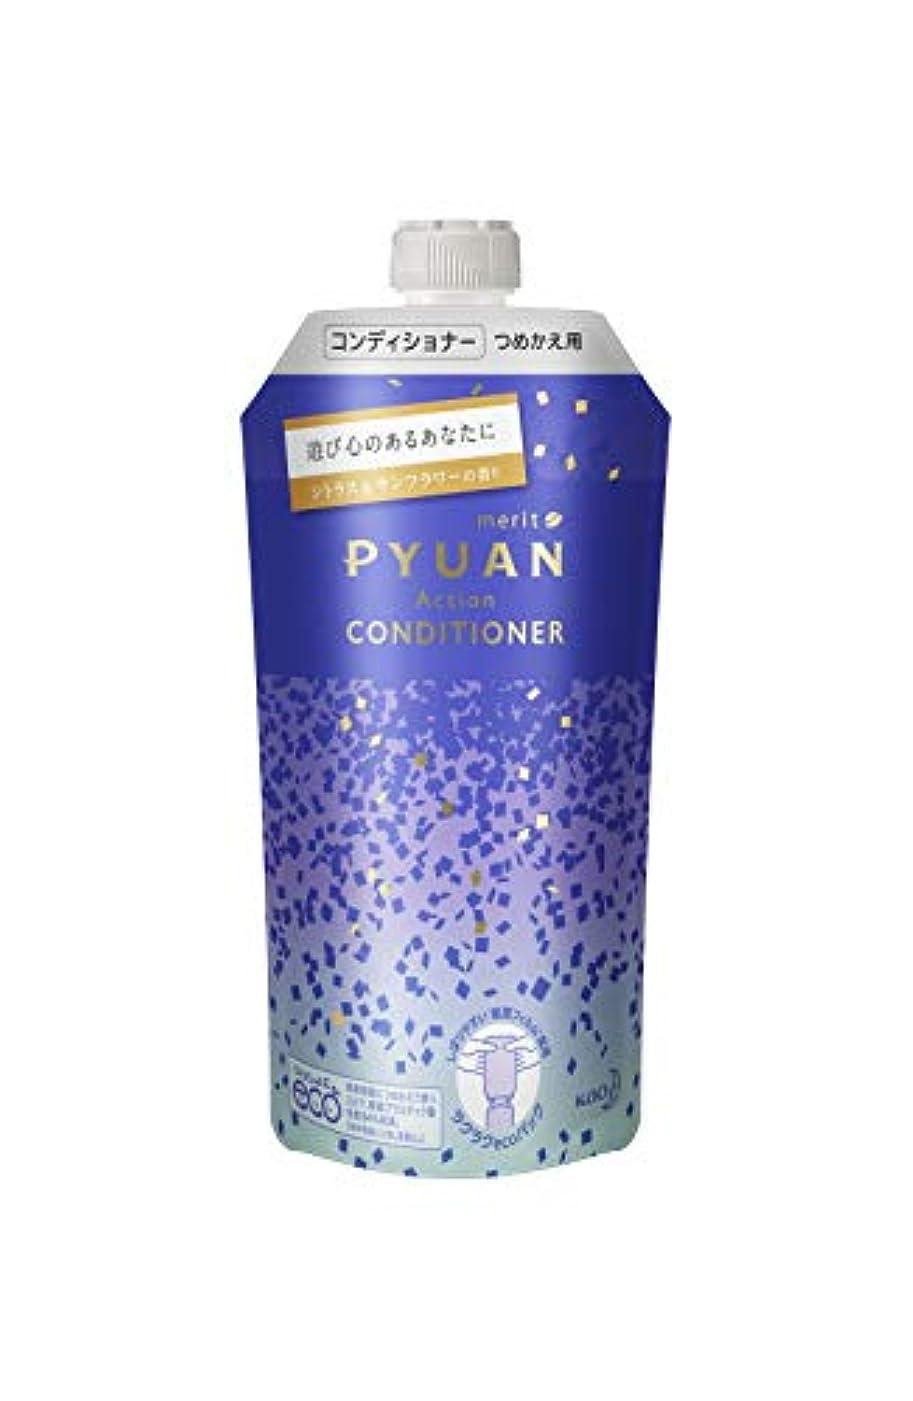 雄弁な遺棄された所持PYUAN(ピュアン) メリットピュアン アクション (Action) シトラス&サンフラワーの香り コンディショナー つめかえ用 340ml Dream Ami コラボ